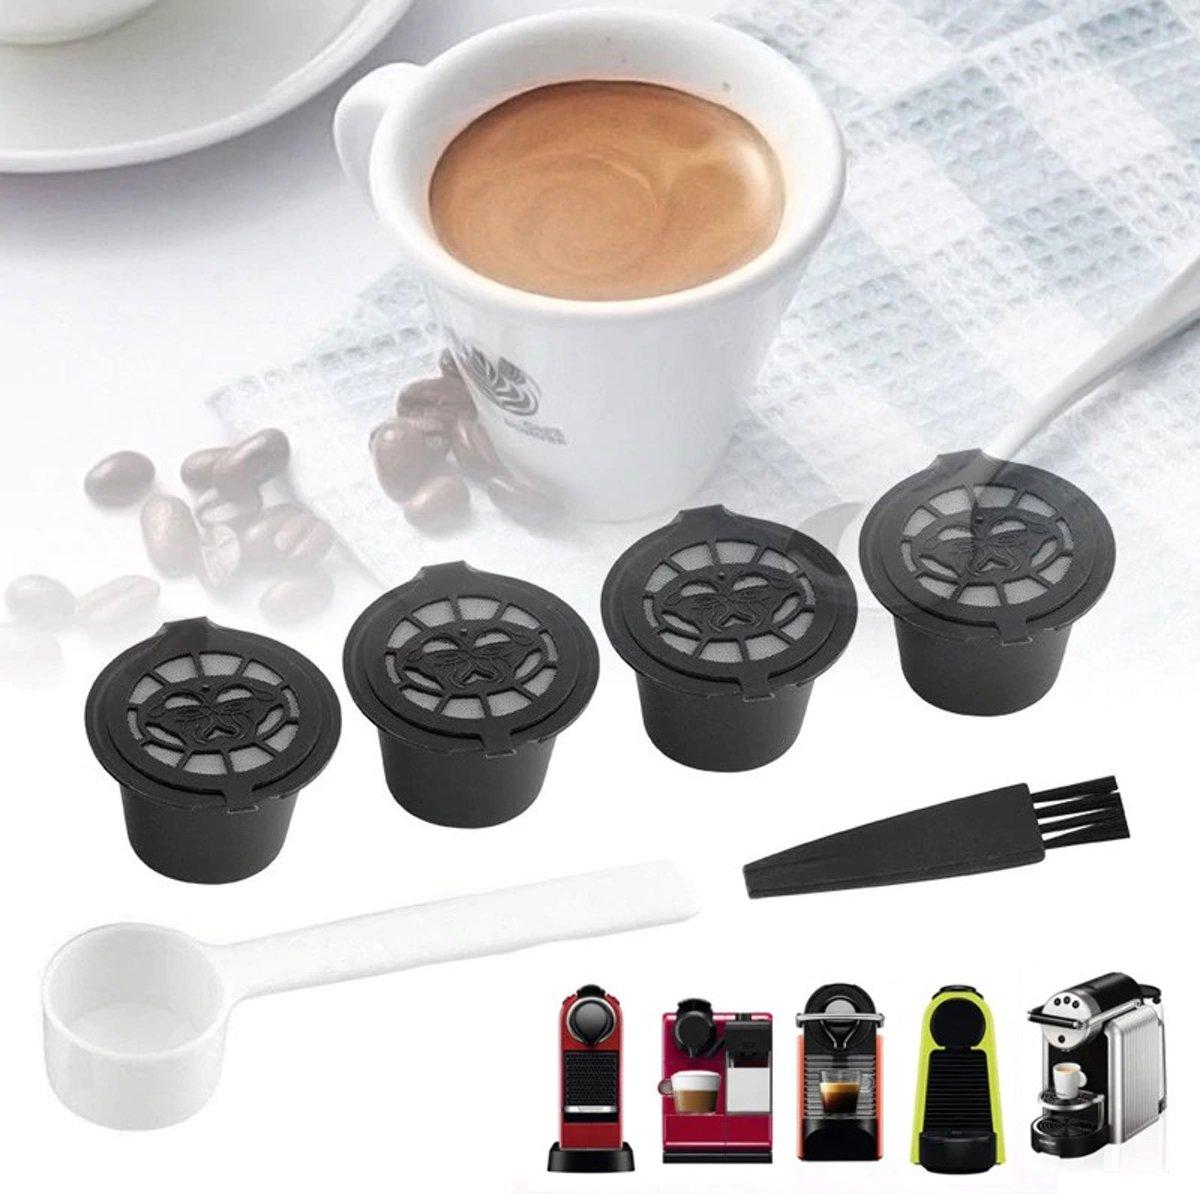 Hervulbare Koffie Cups Voor Nespresso - Koffiecups Capsule Pads - Herbruikbare Koffiecapsules Pads - Hervulbaar - Met Gratis Maatlepel - Duurzaam - Set Van 4 Stuks kopen